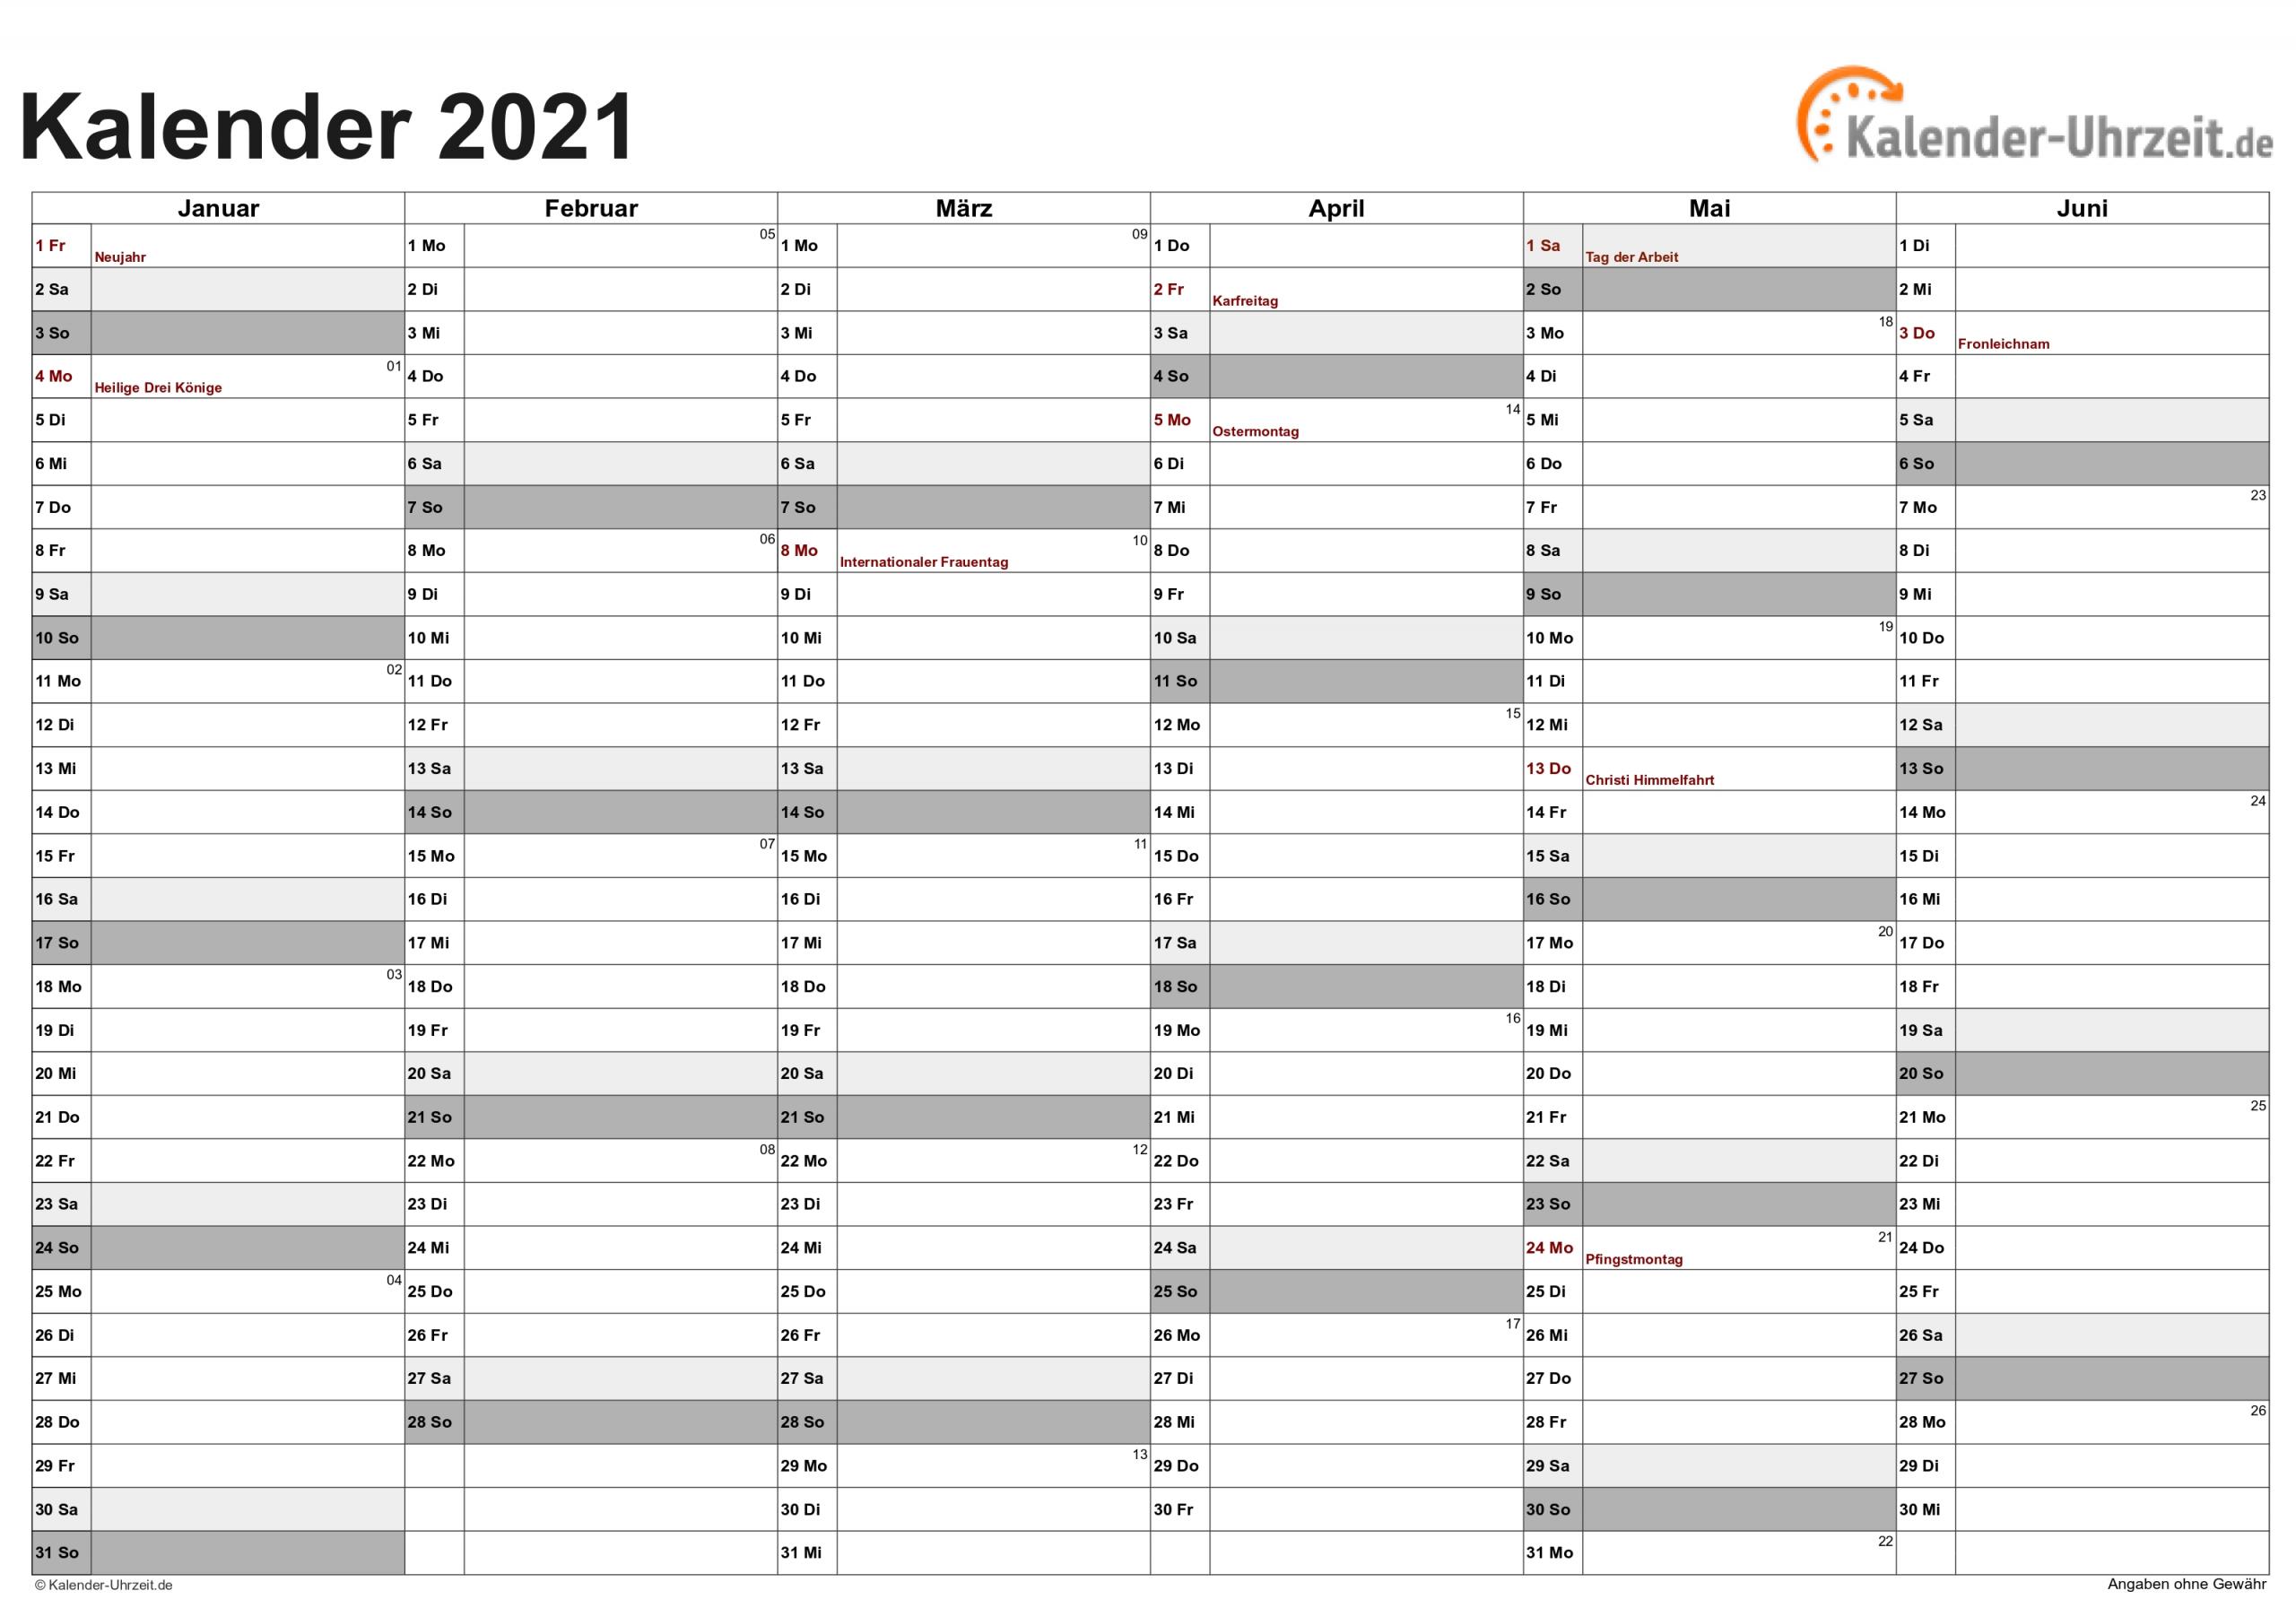 Kalender 2021 Zum Ausdrucken - Kostenlos inside Excel Photo Kalender 2021 Gestalten